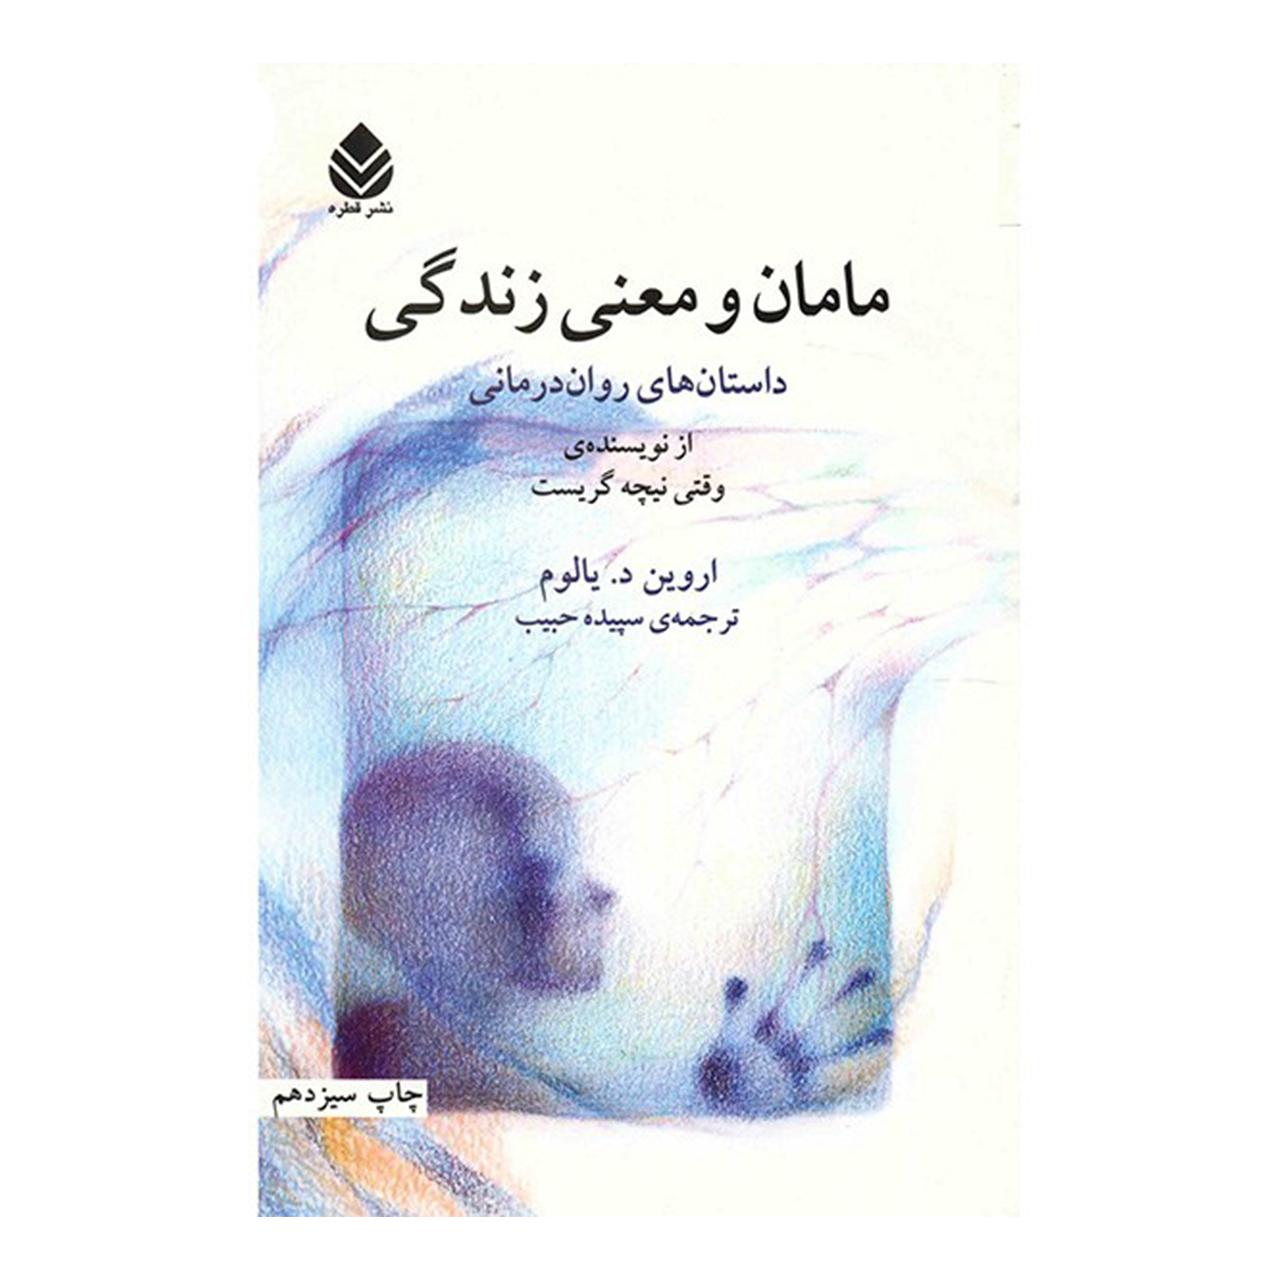 خرید                      کتاب مامان و معنی زندگی اثر اروین د. یالومنشر قطره